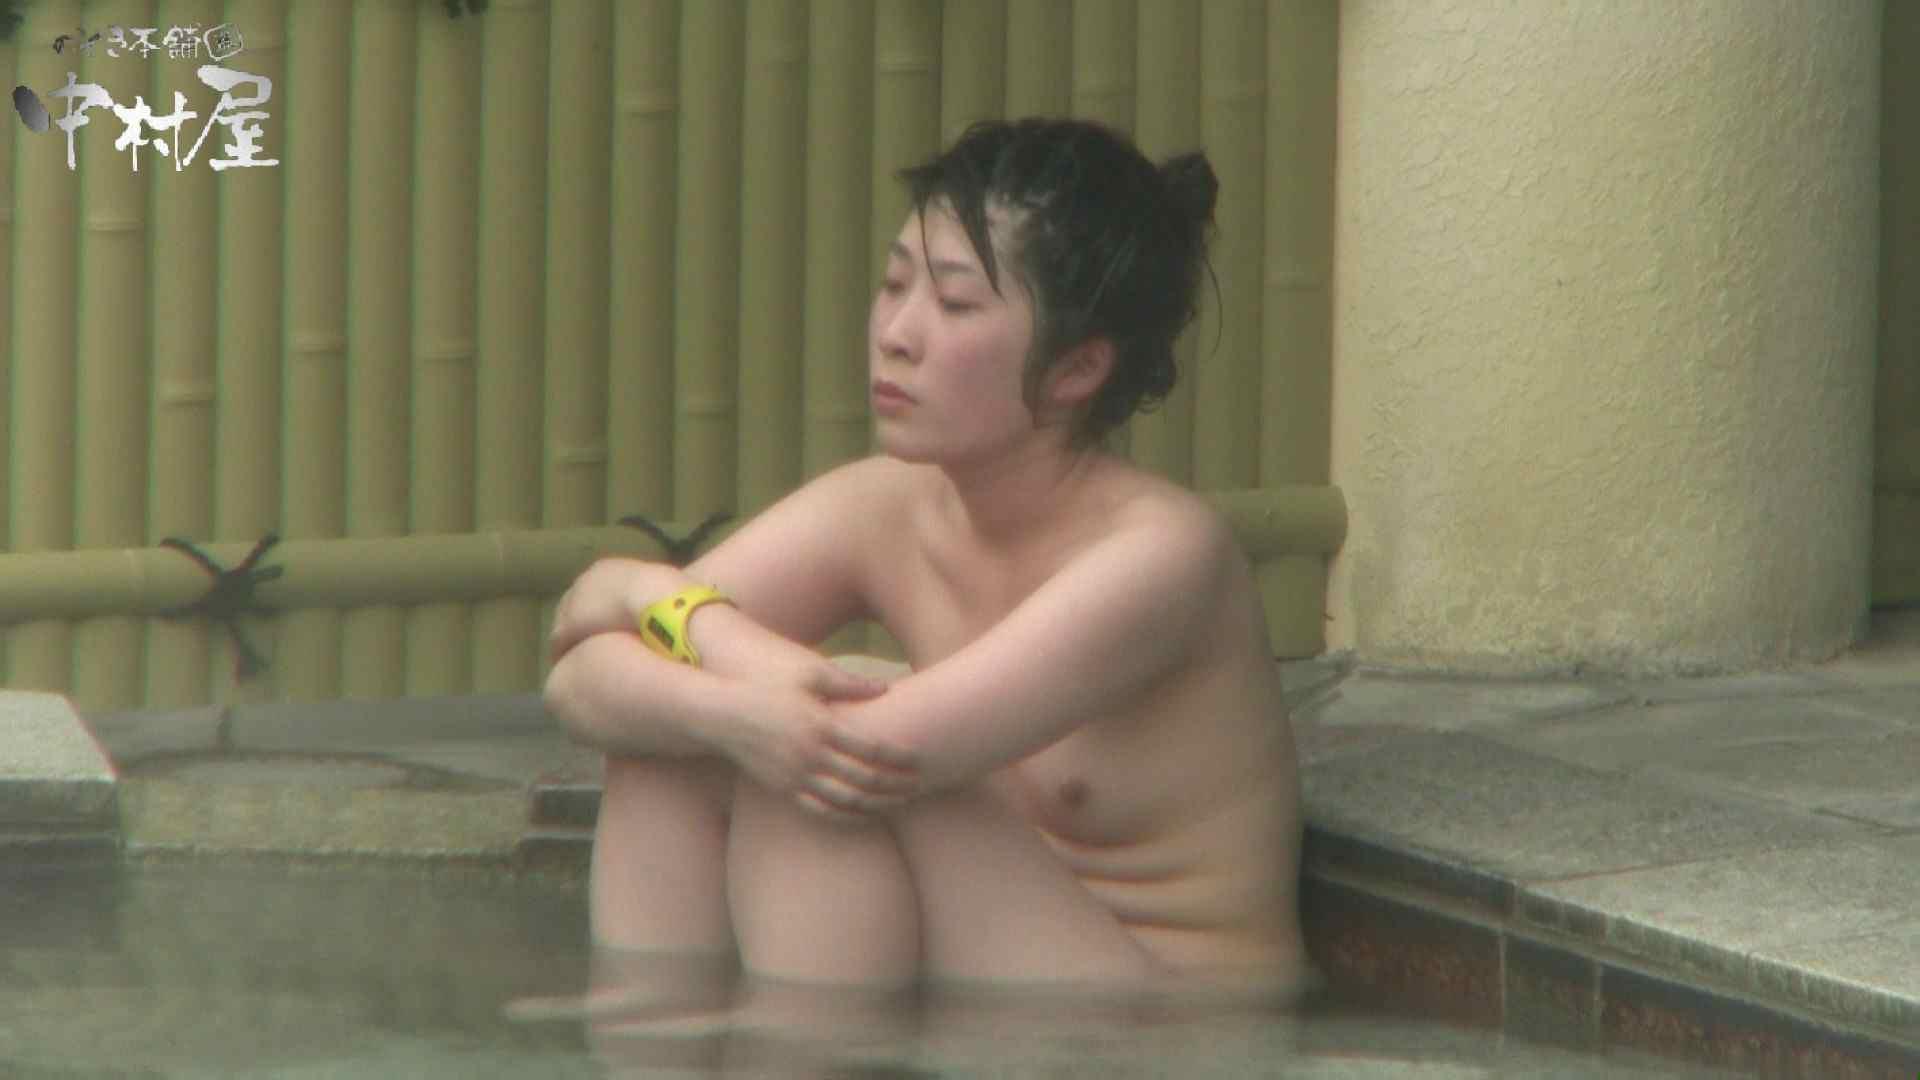 Aquaな露天風呂Vol.955 0   0  78枚